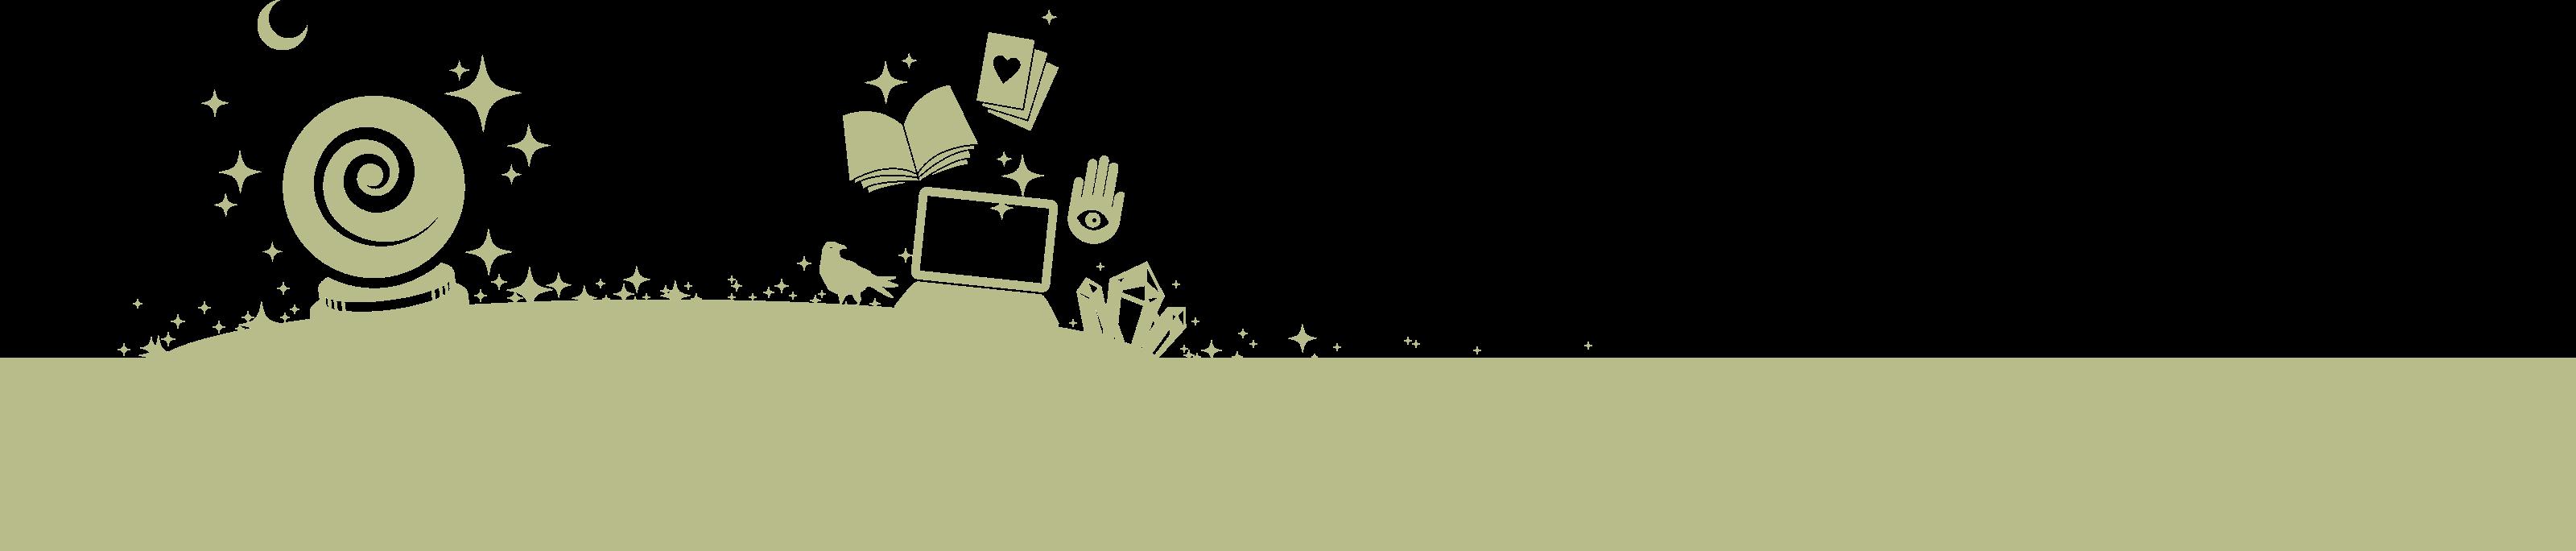 hole background illustration